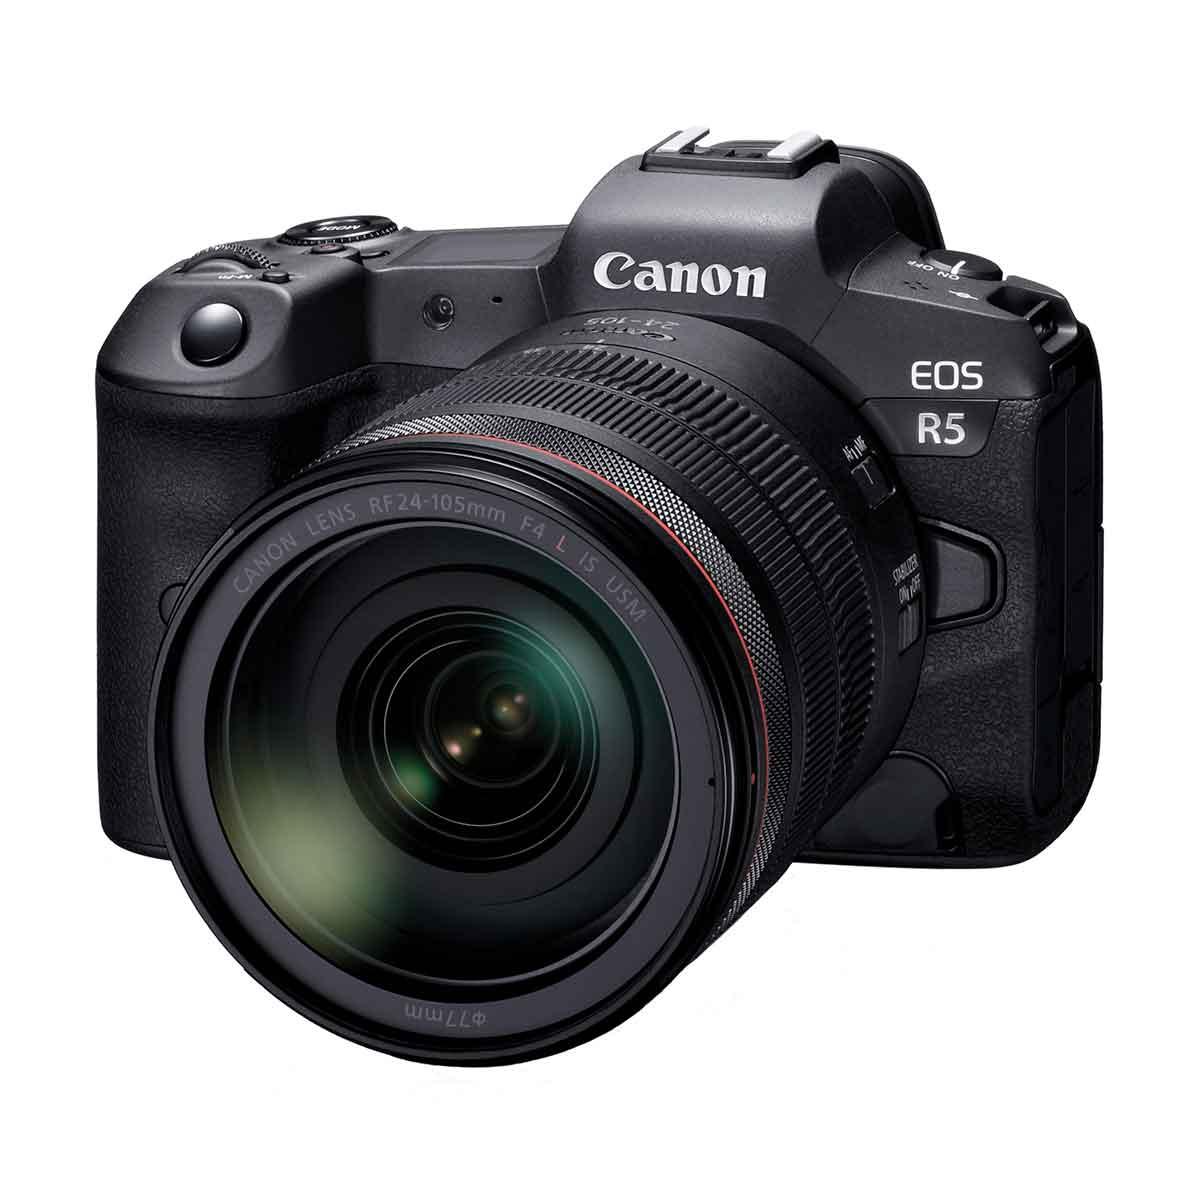 【今週発売の注目製品】キヤノンから、8K動画対応のフルサイズミラーレス「EOS R5」が登場